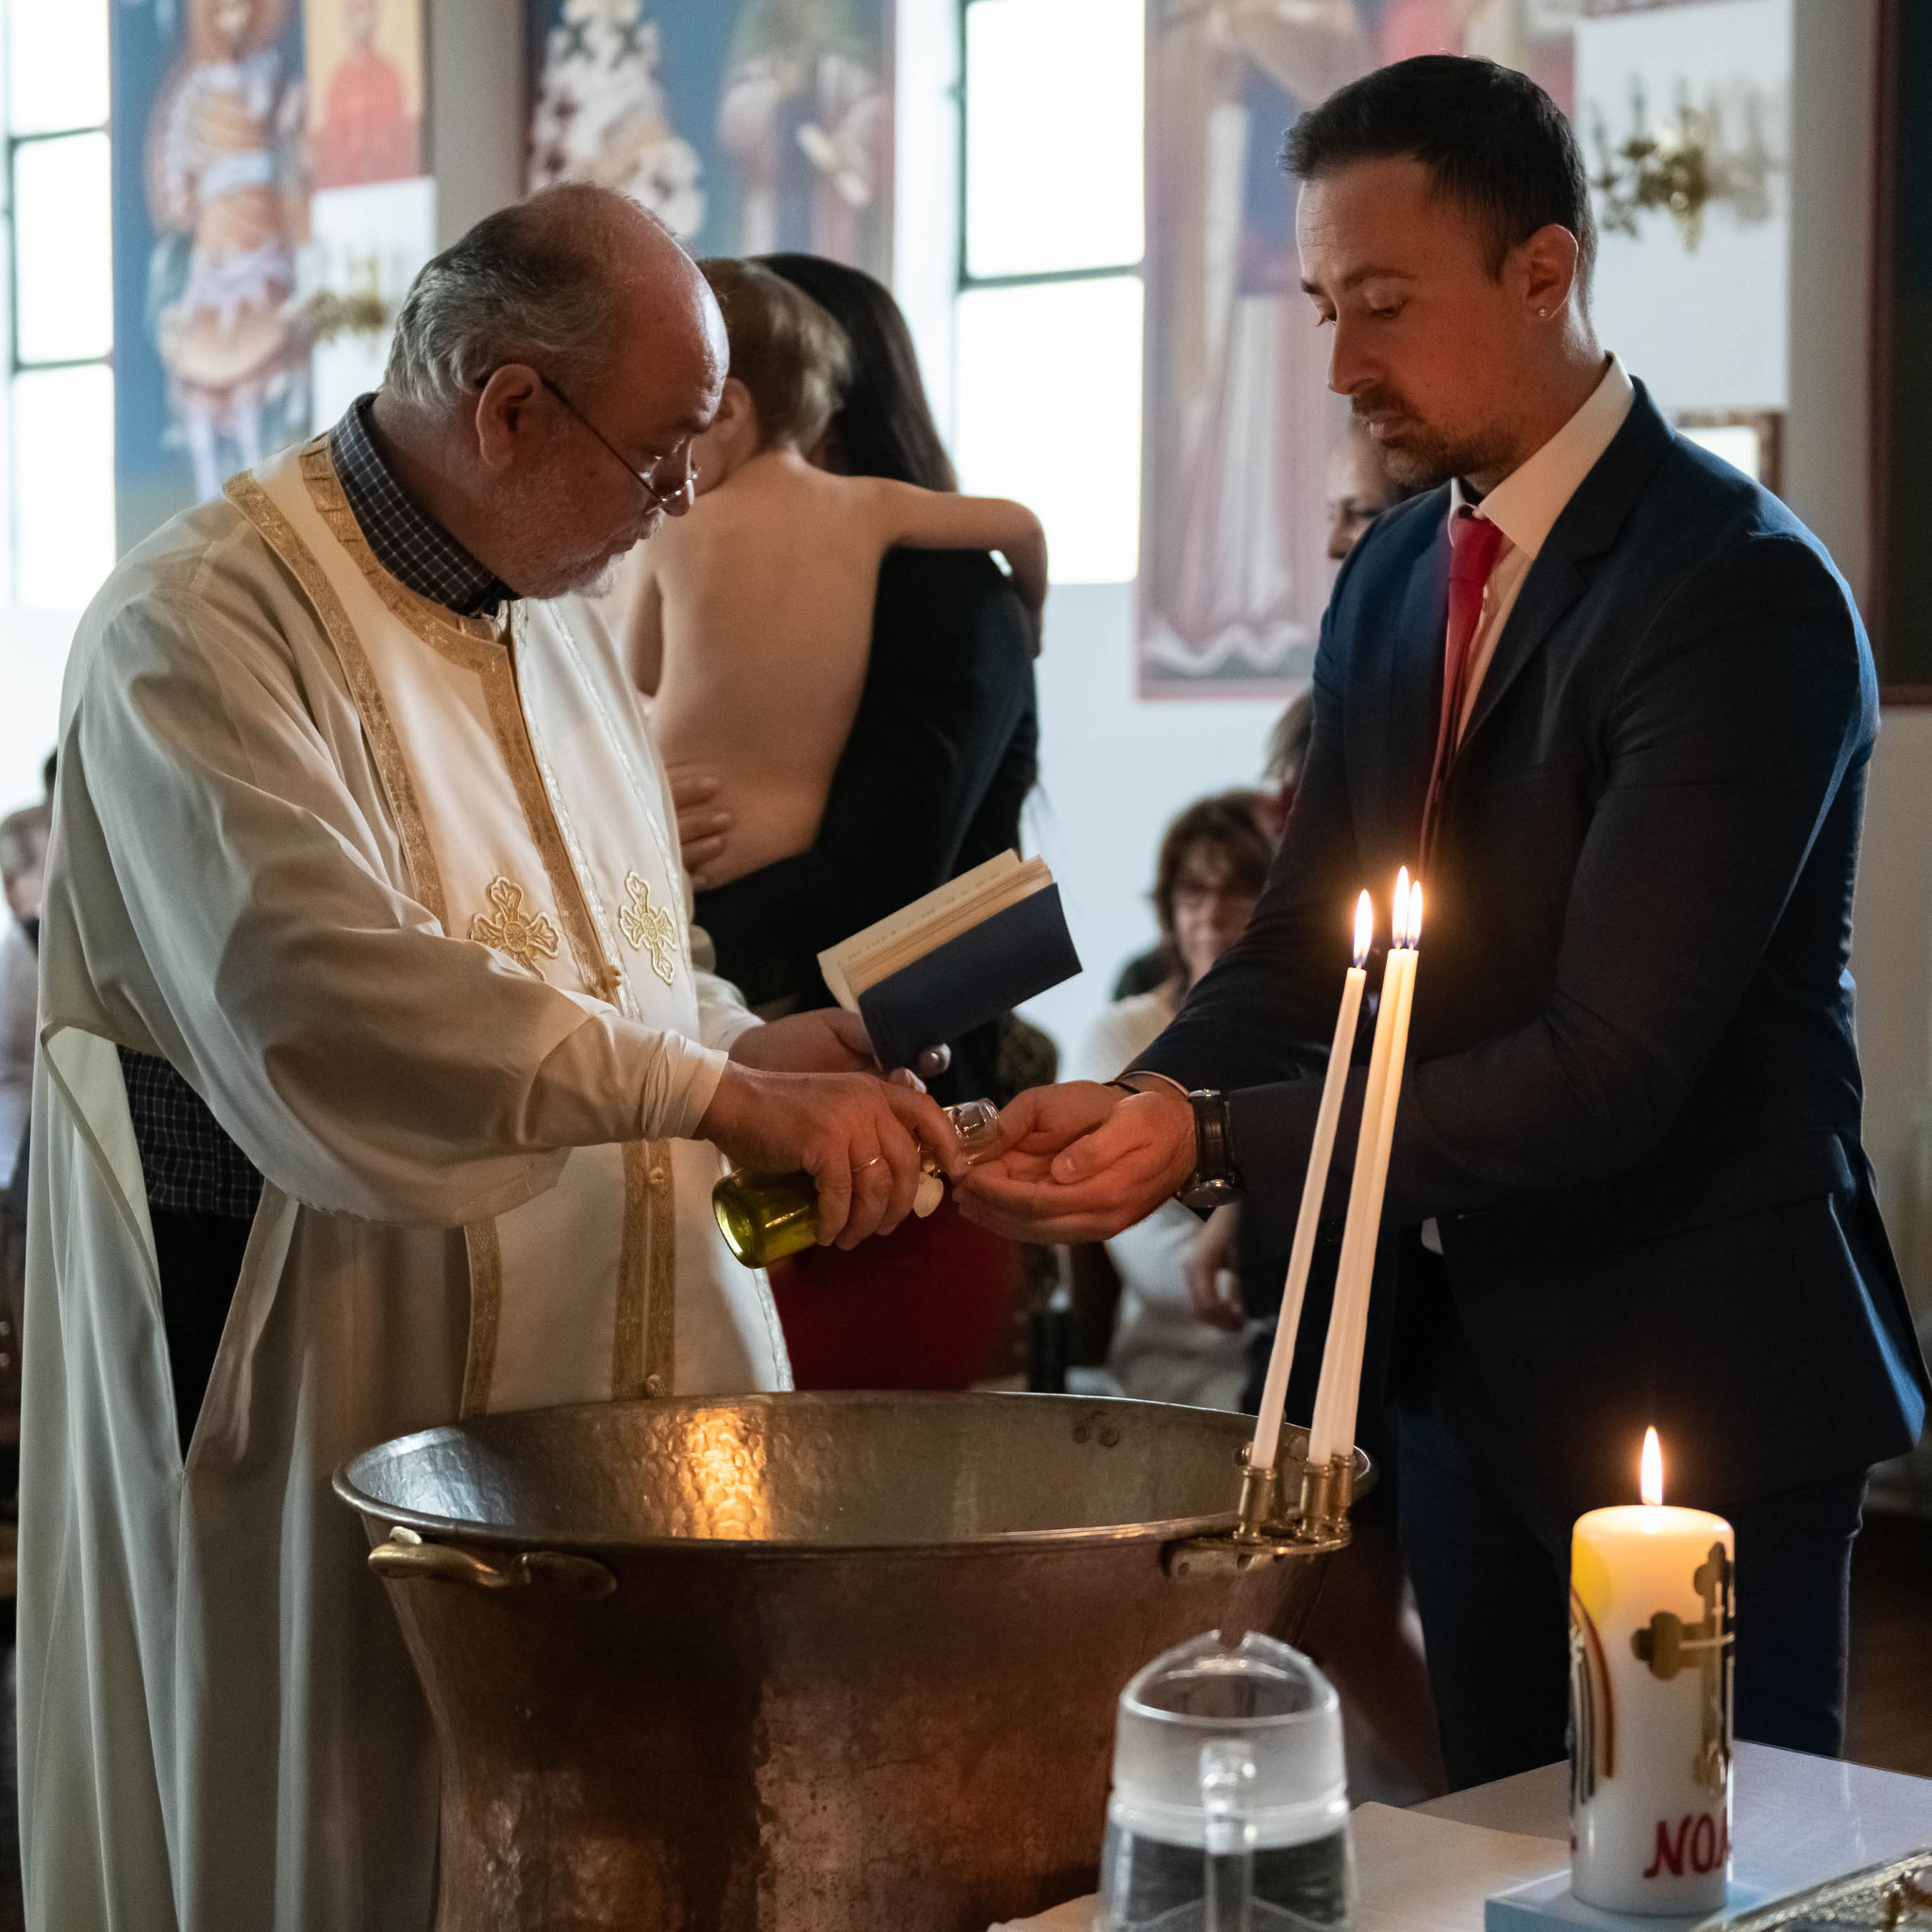 Professioneller Fotograf für Taufe in Wiesbaden